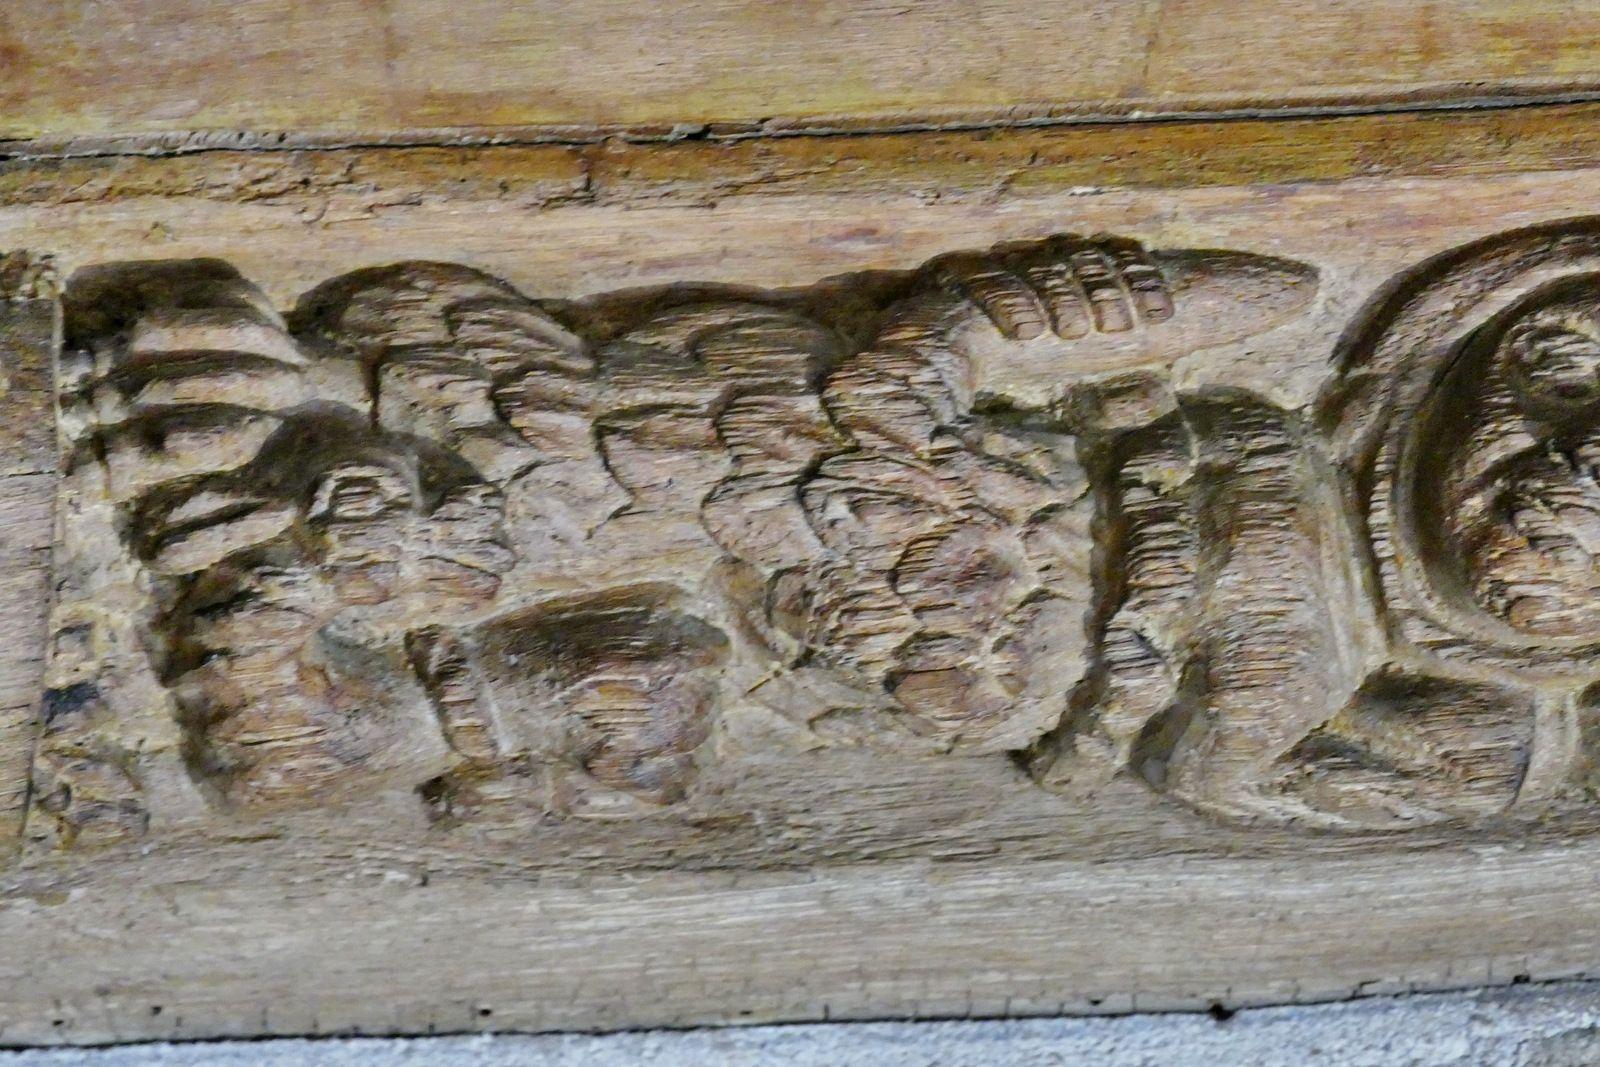 Sablières (chêne, 1507) de l'escalier du palais épiscopal de Quimper. Photographie lavieb-aile juin 2021.